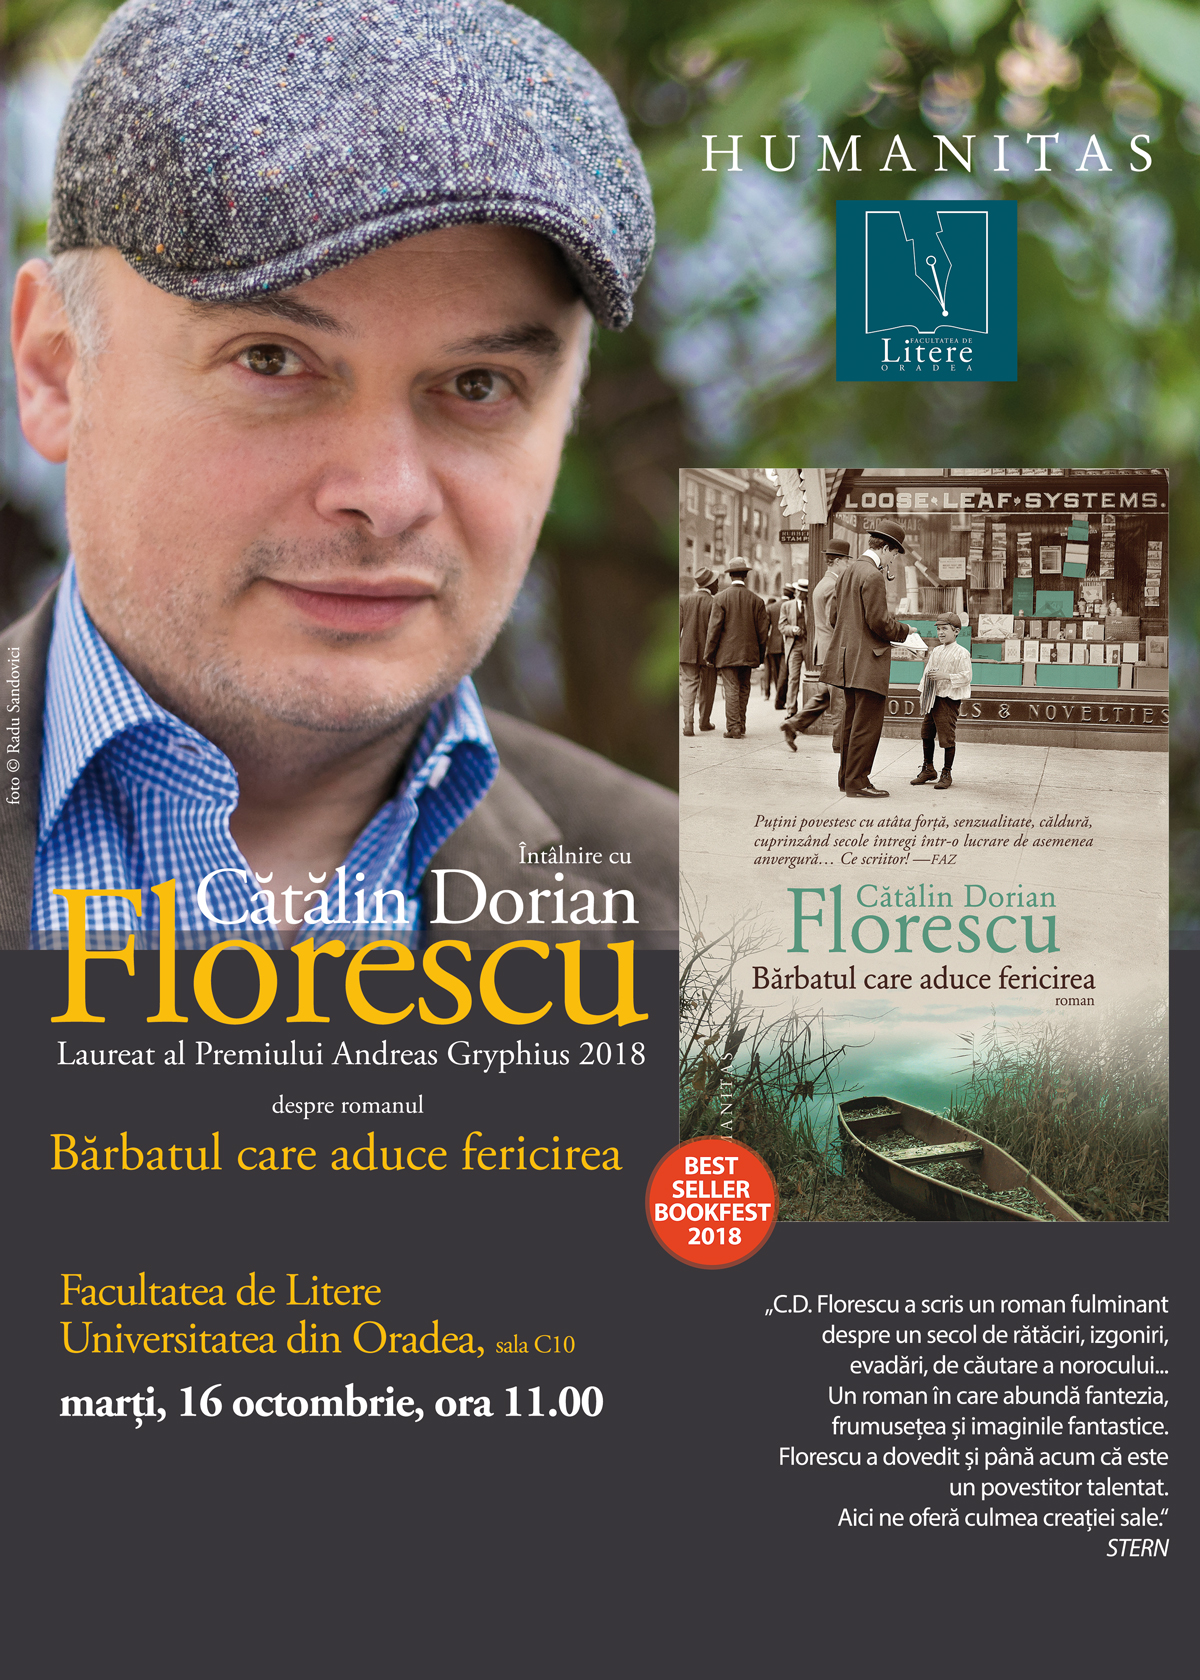 Cătălin Dorian Florescu